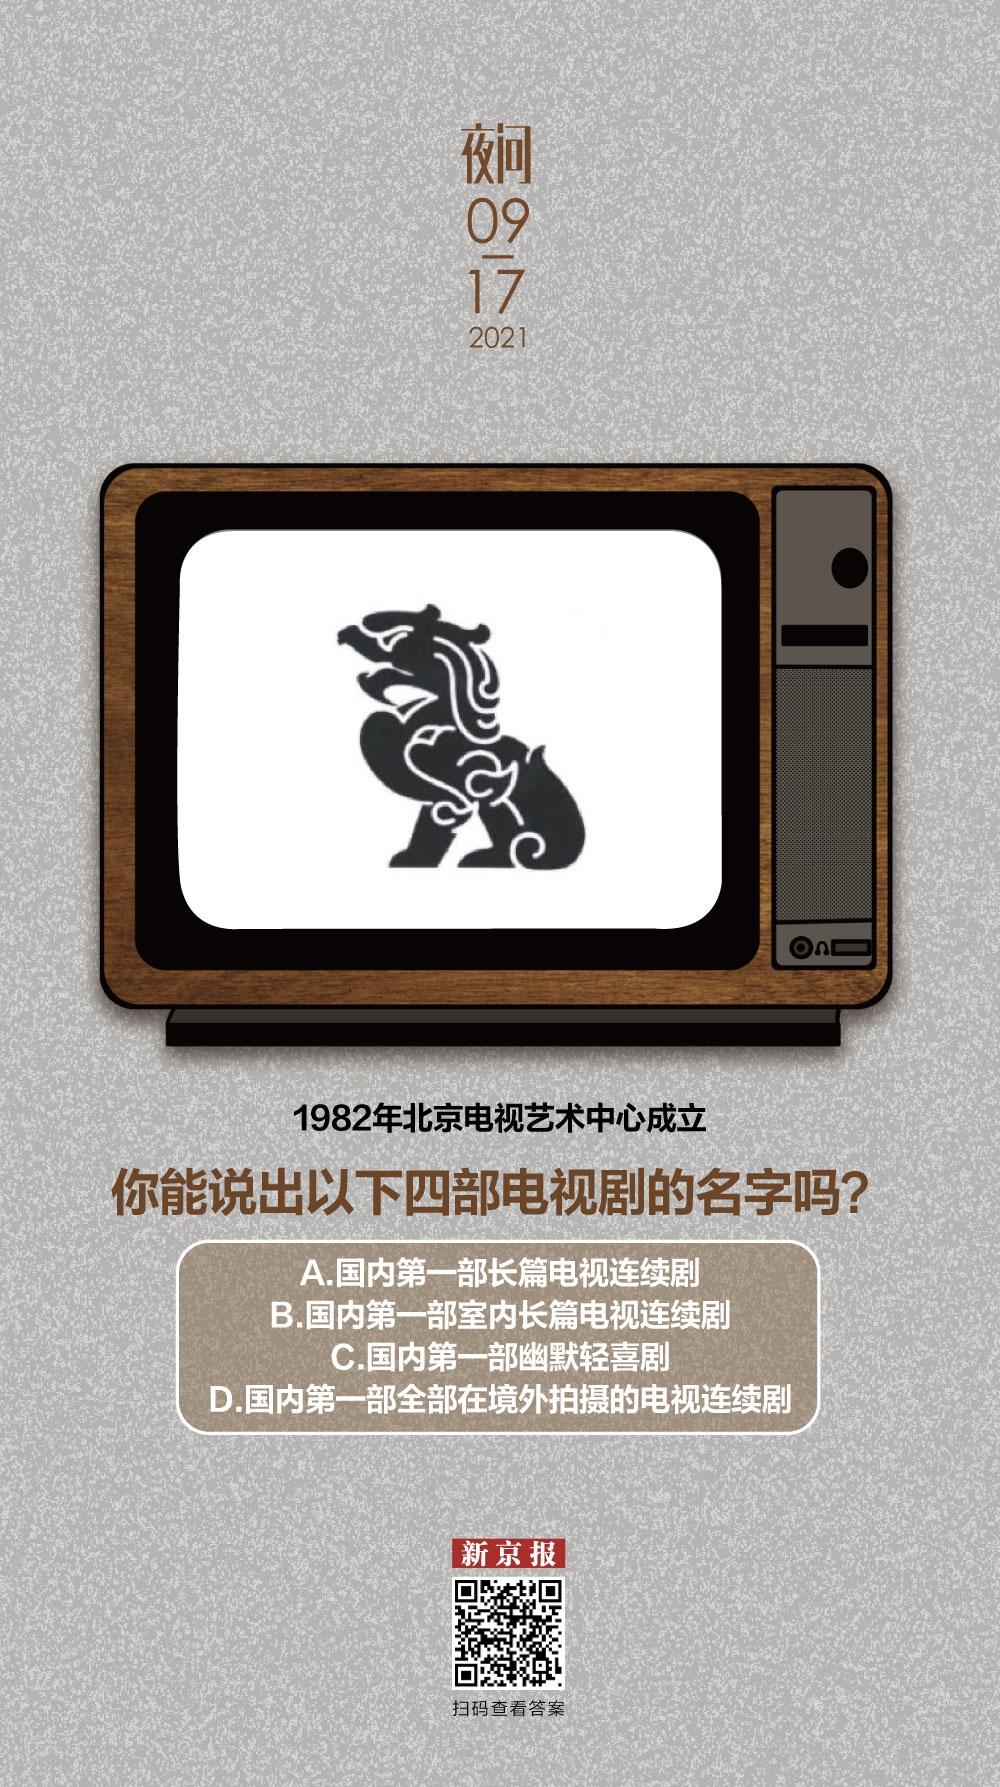 这里诞生了中国电视剧史上多个第一丨夜问